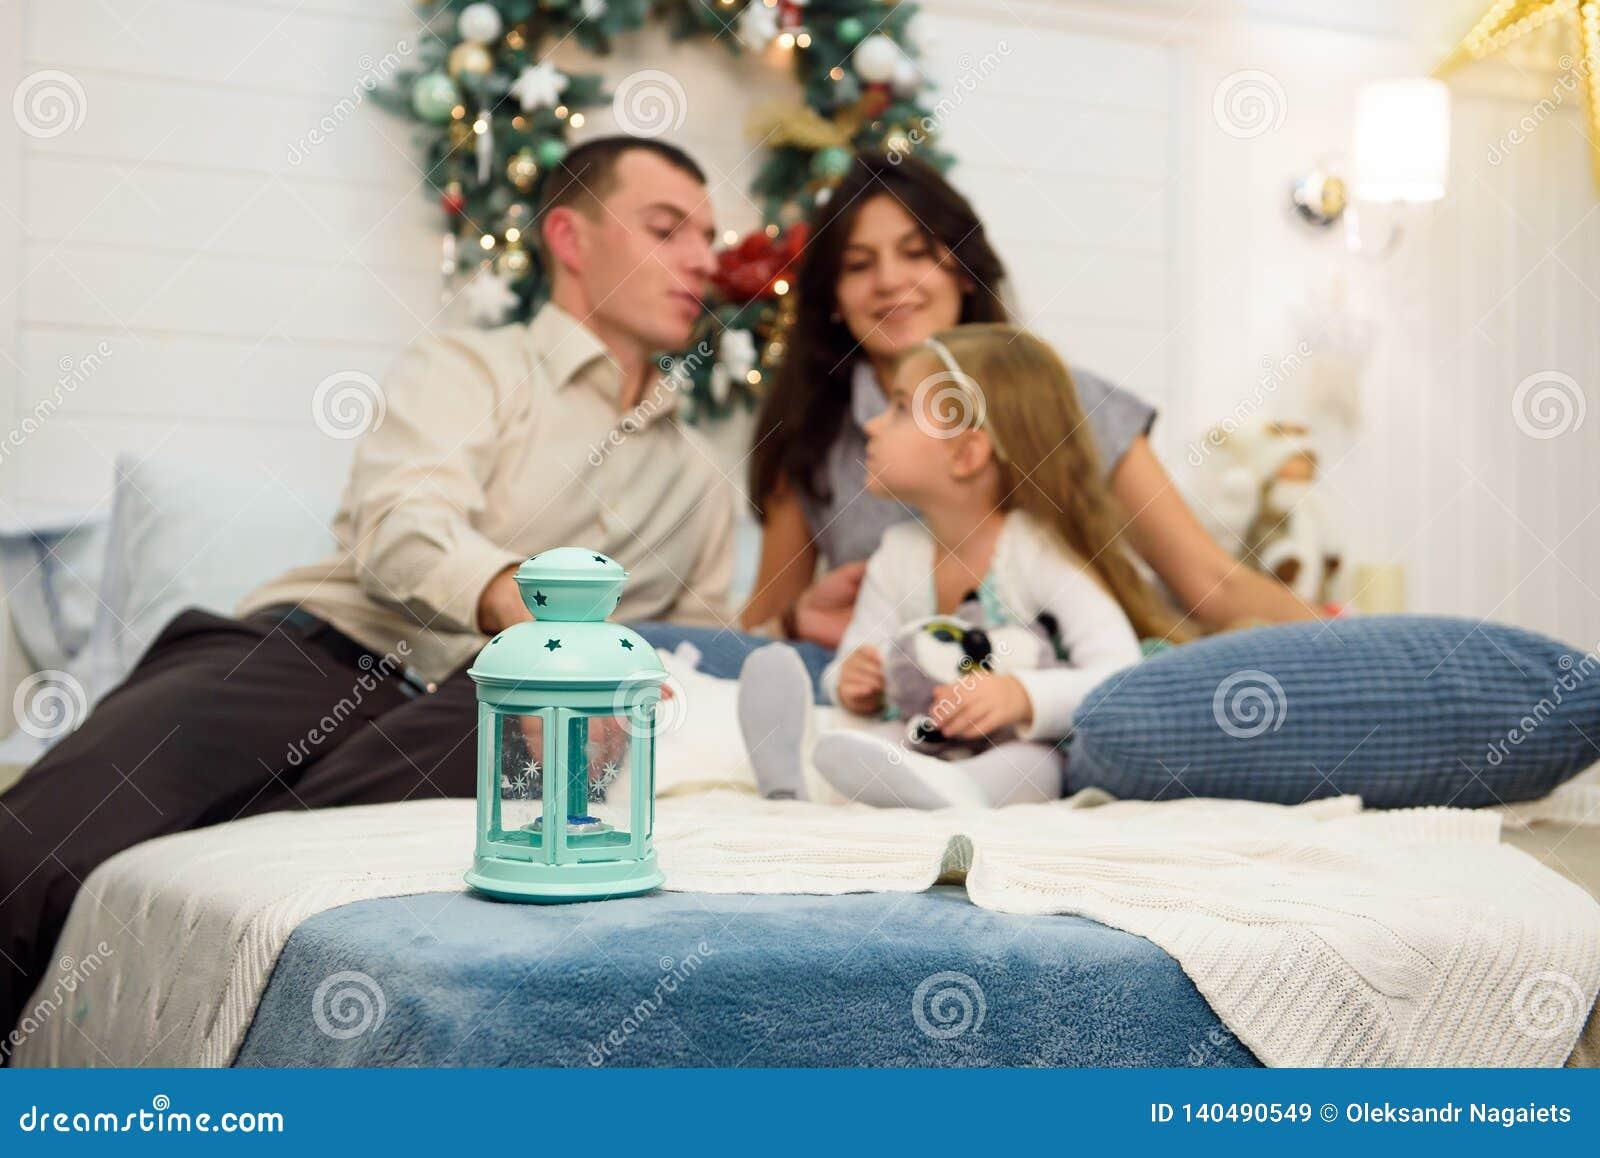 Gelukkig familieportret op Kerstmis, moeder, vader en kindzitting op bed thuis, chritmasdecoratie rond hen